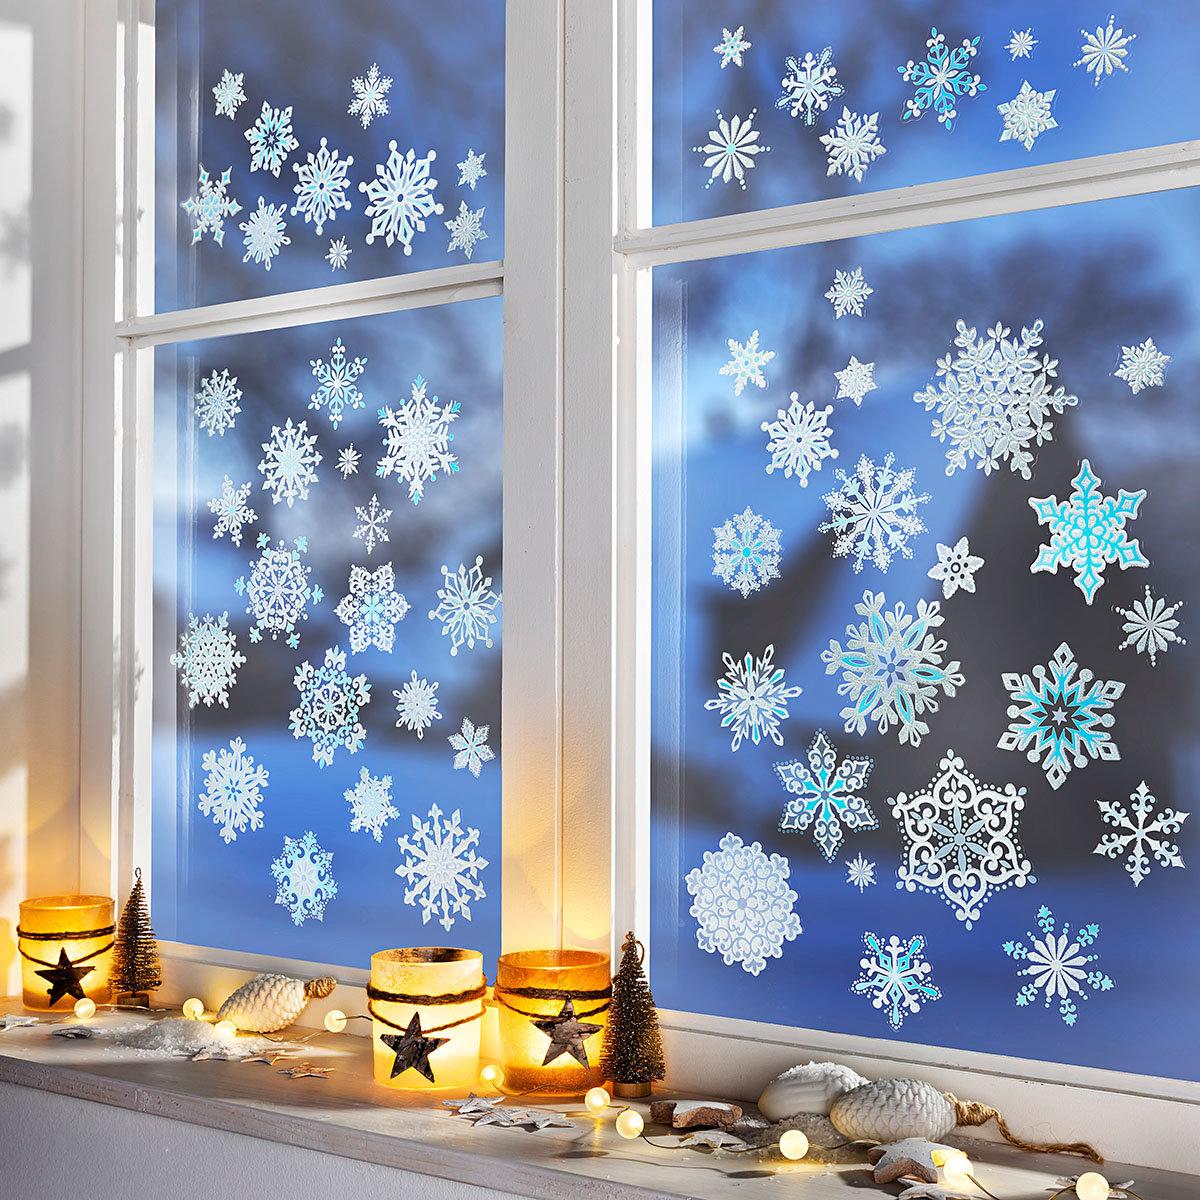 Fenstersticker Eiskristalle blau, 57-teilig